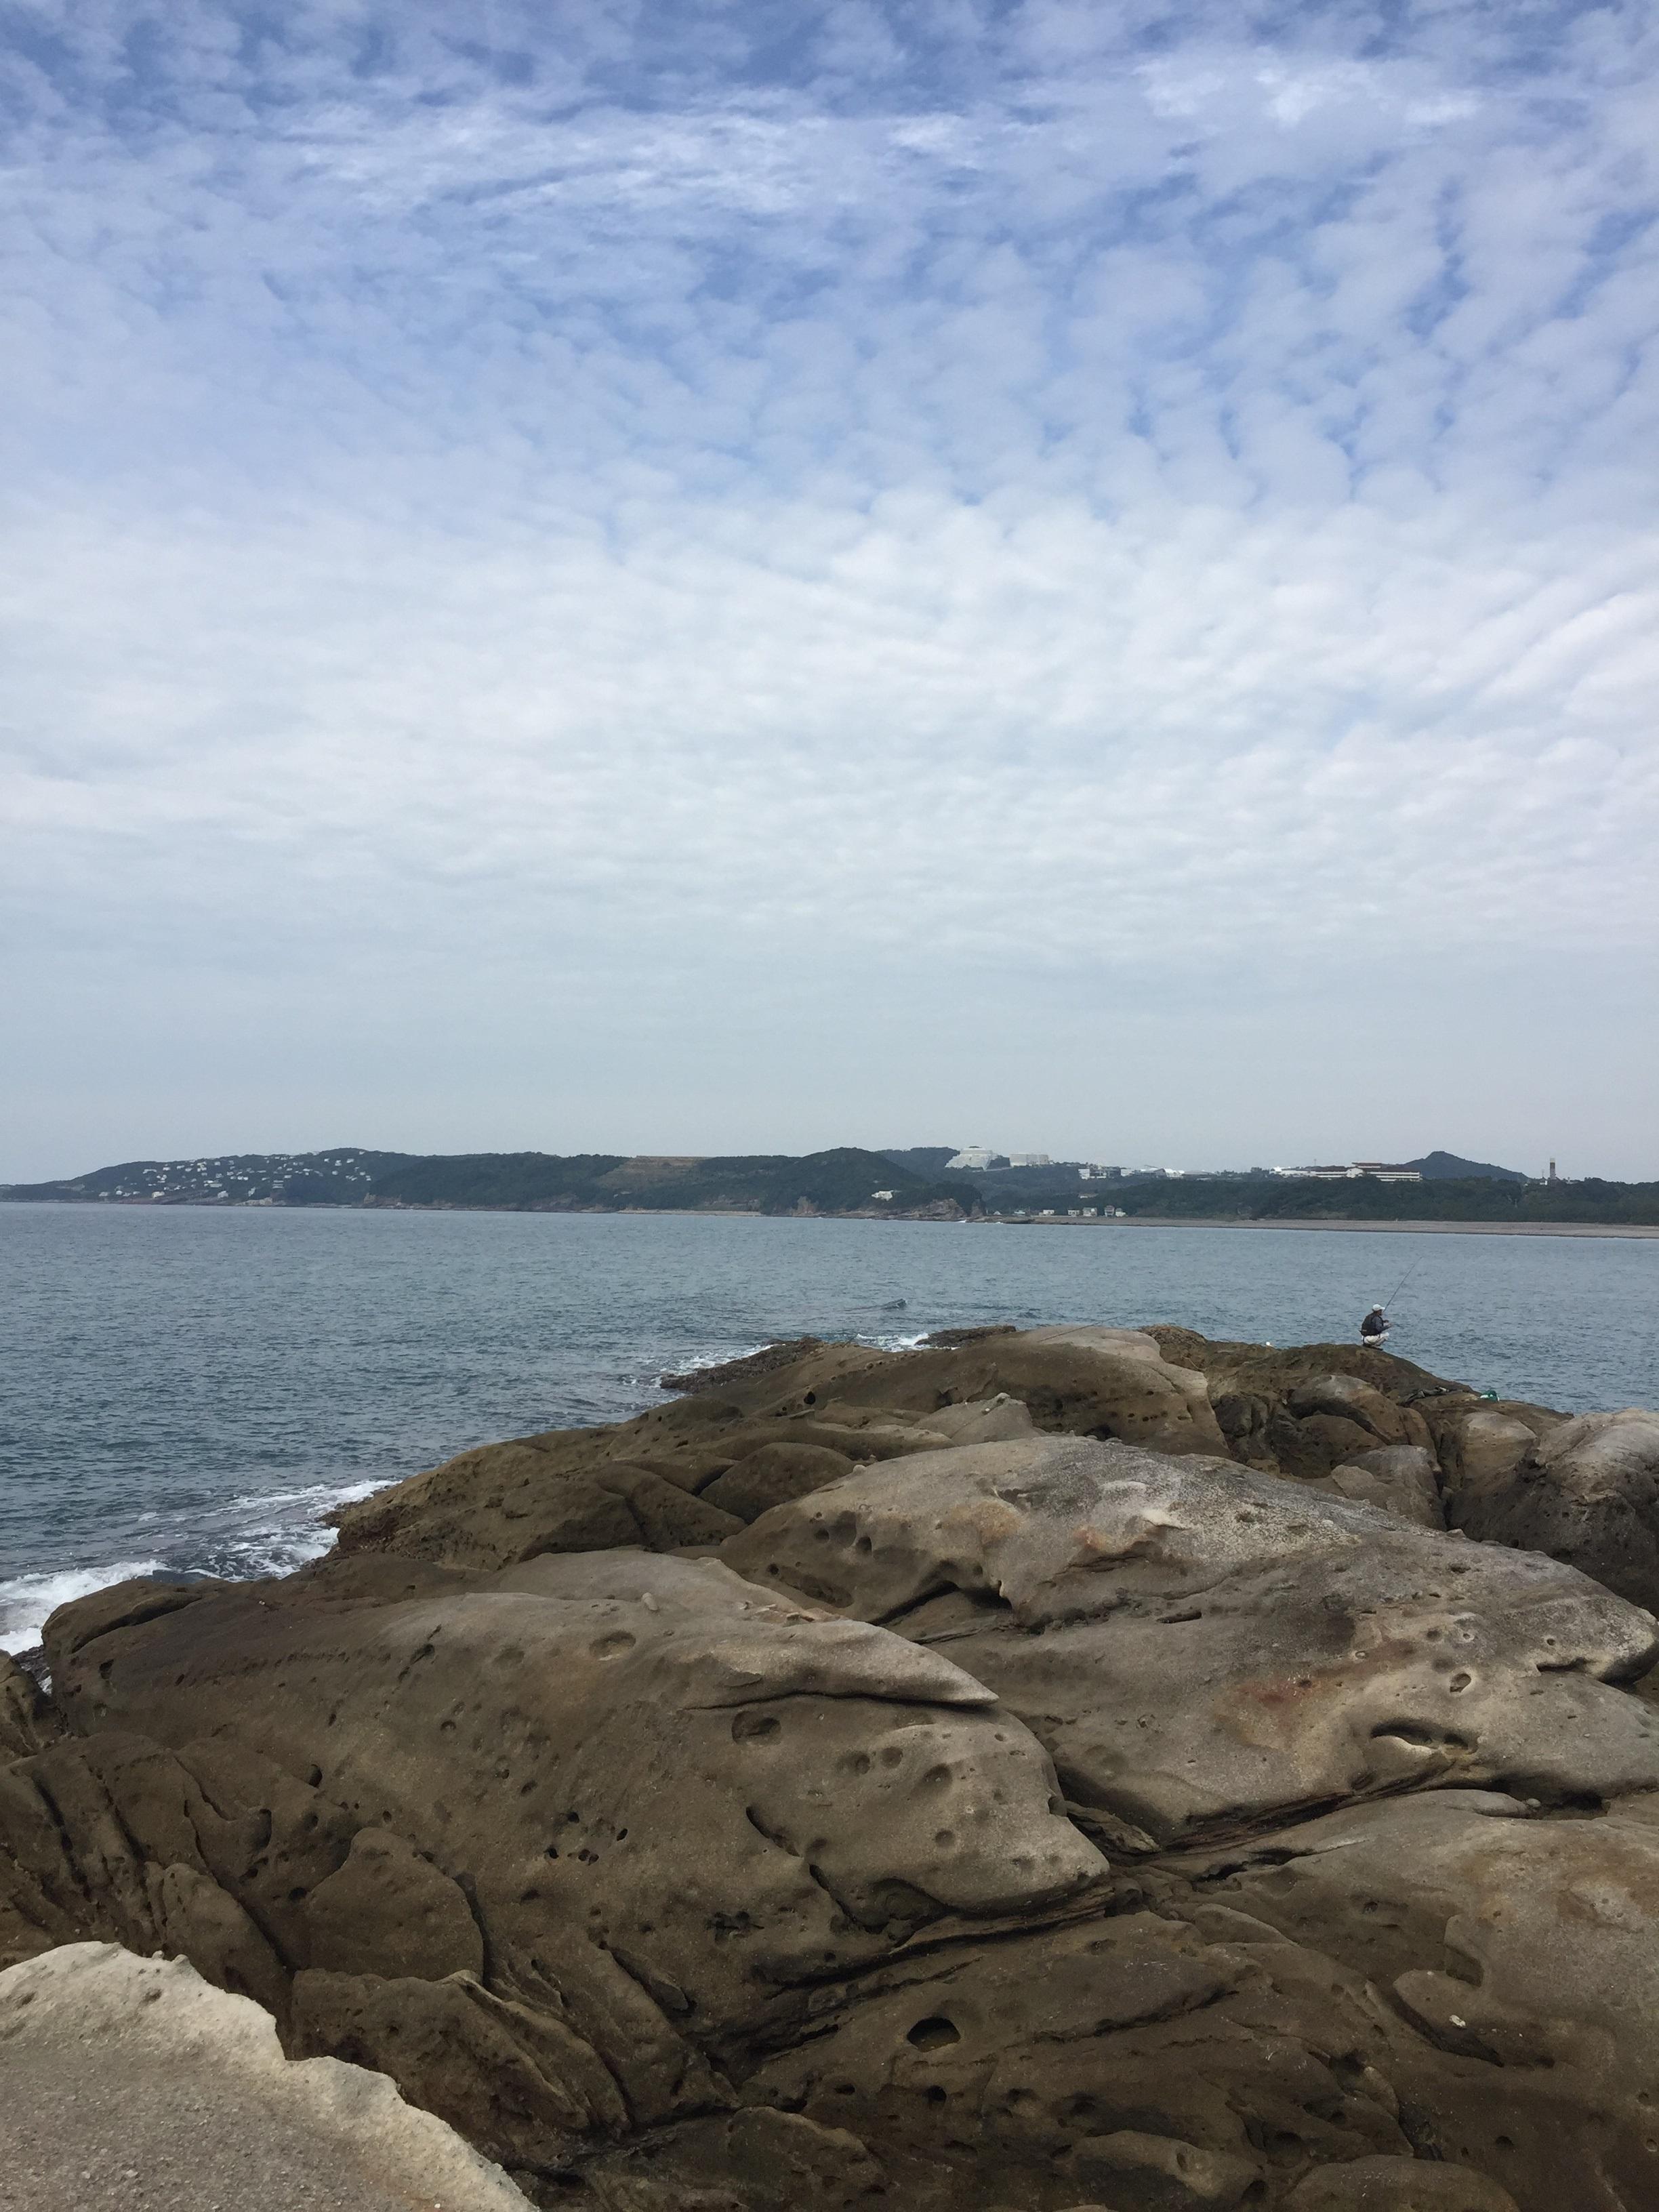 富田川河口丸山の釣り場紹介、和歌山南紀の干潮だけで人のいないエギングショアジギング地磯